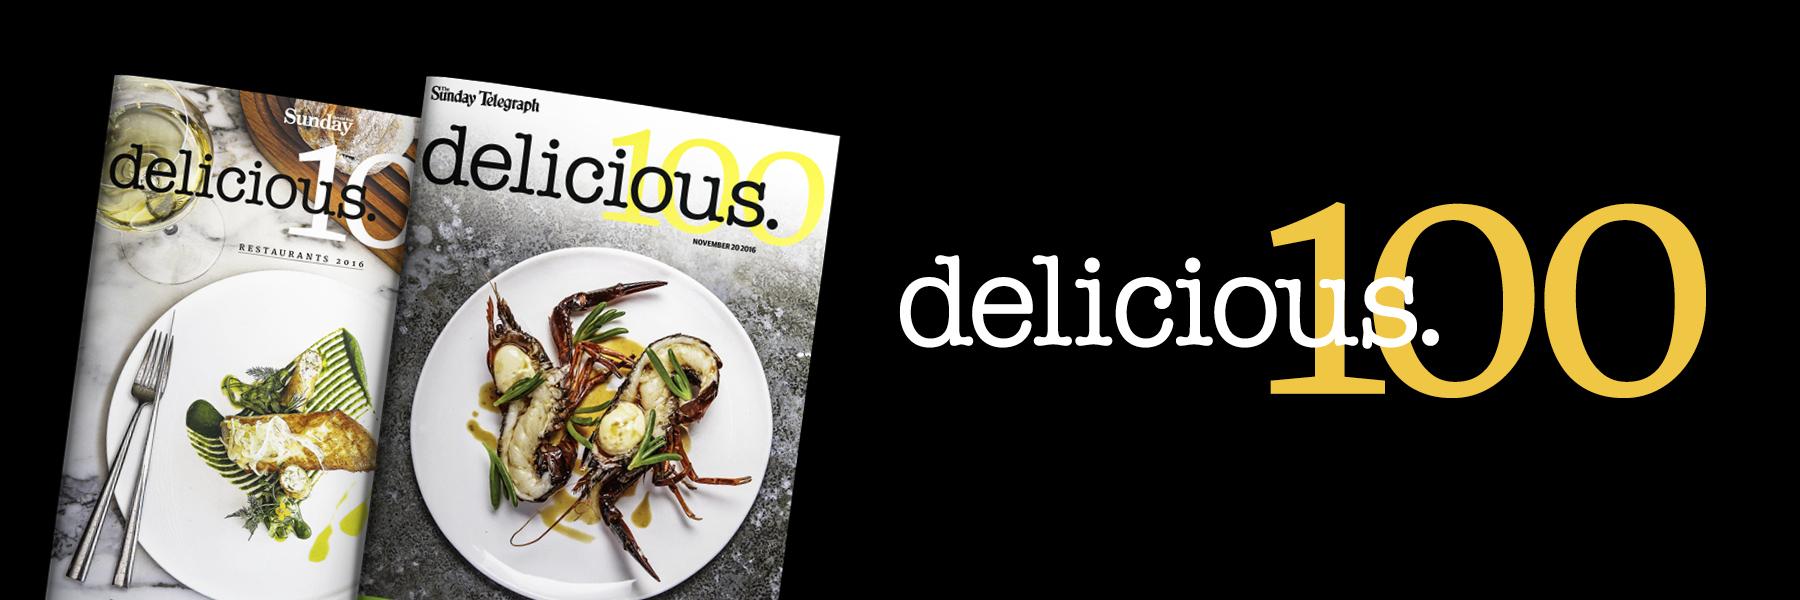 delicious.100 - creating tasty new revenue streams